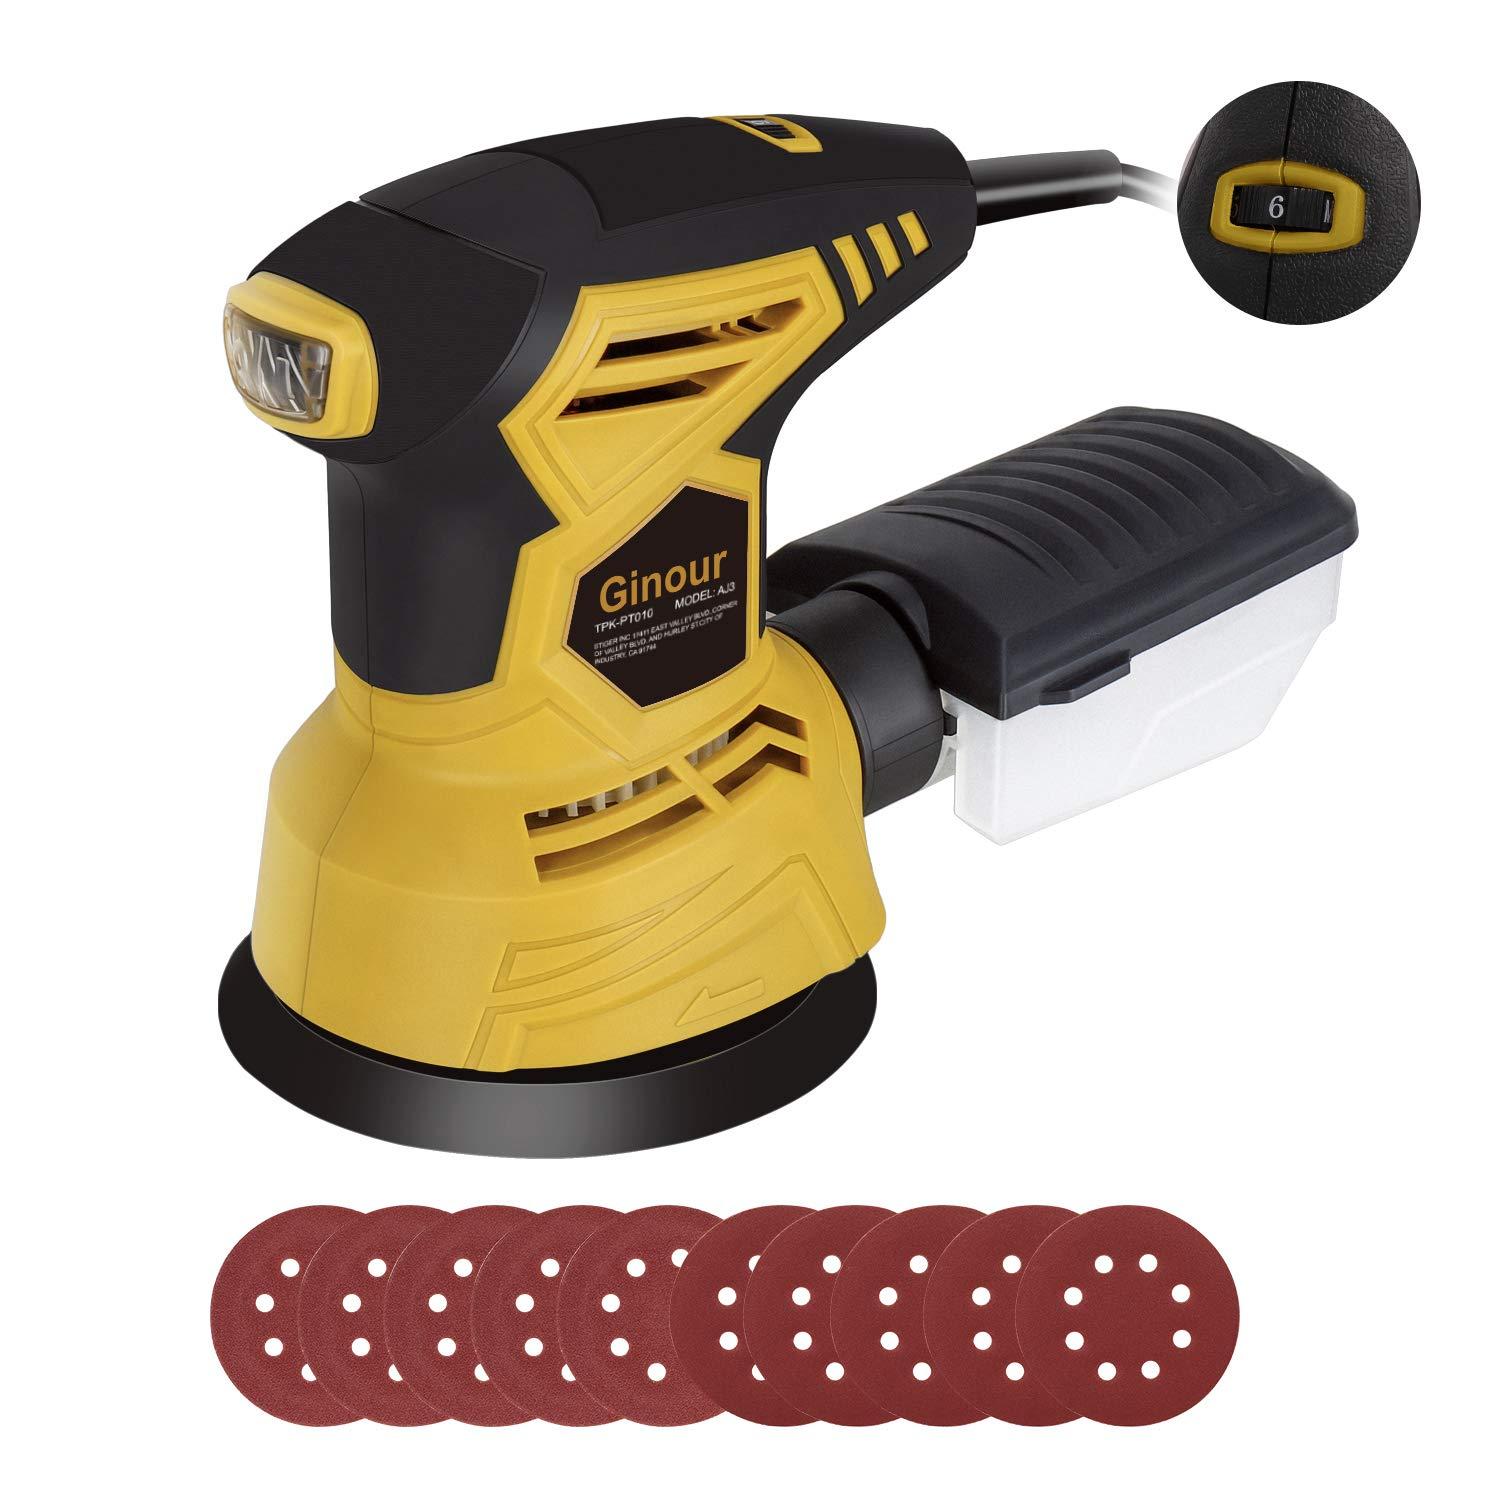 Staubsammler Ginour Schleifmaschine 300W 12000 RPM 125mm mit 10er Schleifpapiere 6 variable Geschwindigkeiten Exzenterschleifer ideal zum Schleifen Schlichten und Polieren von Holz